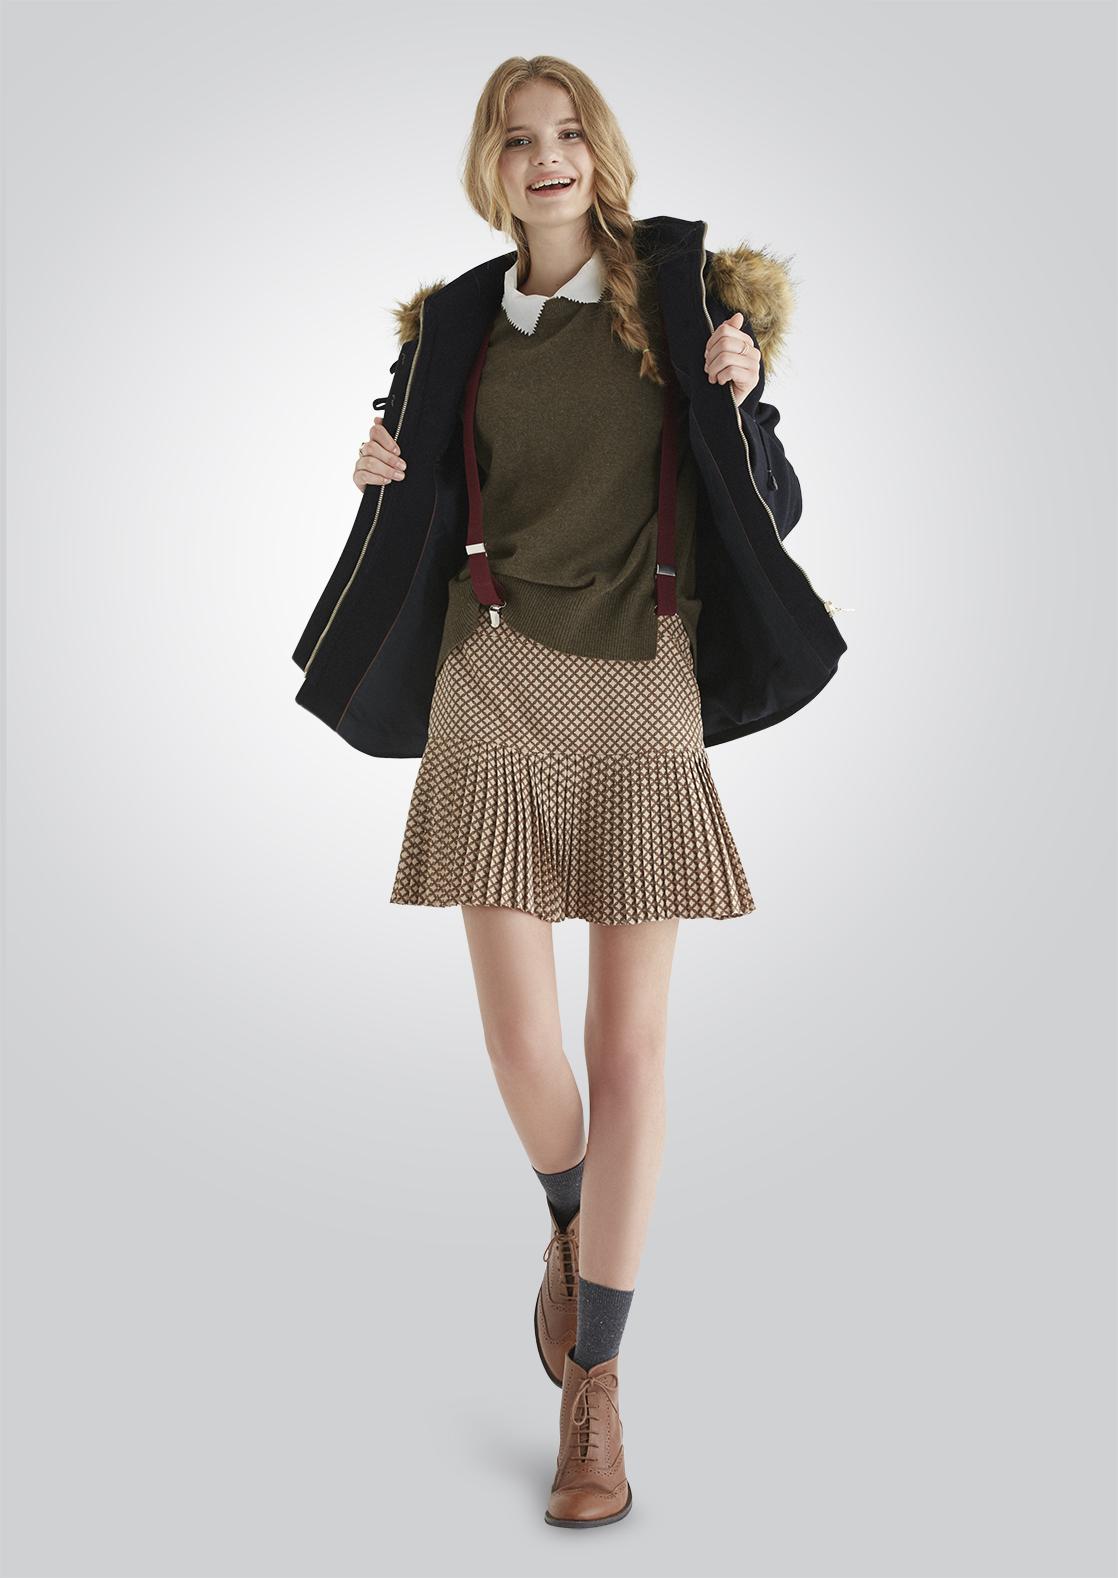 2009 2010 kış modası nasıl olacak